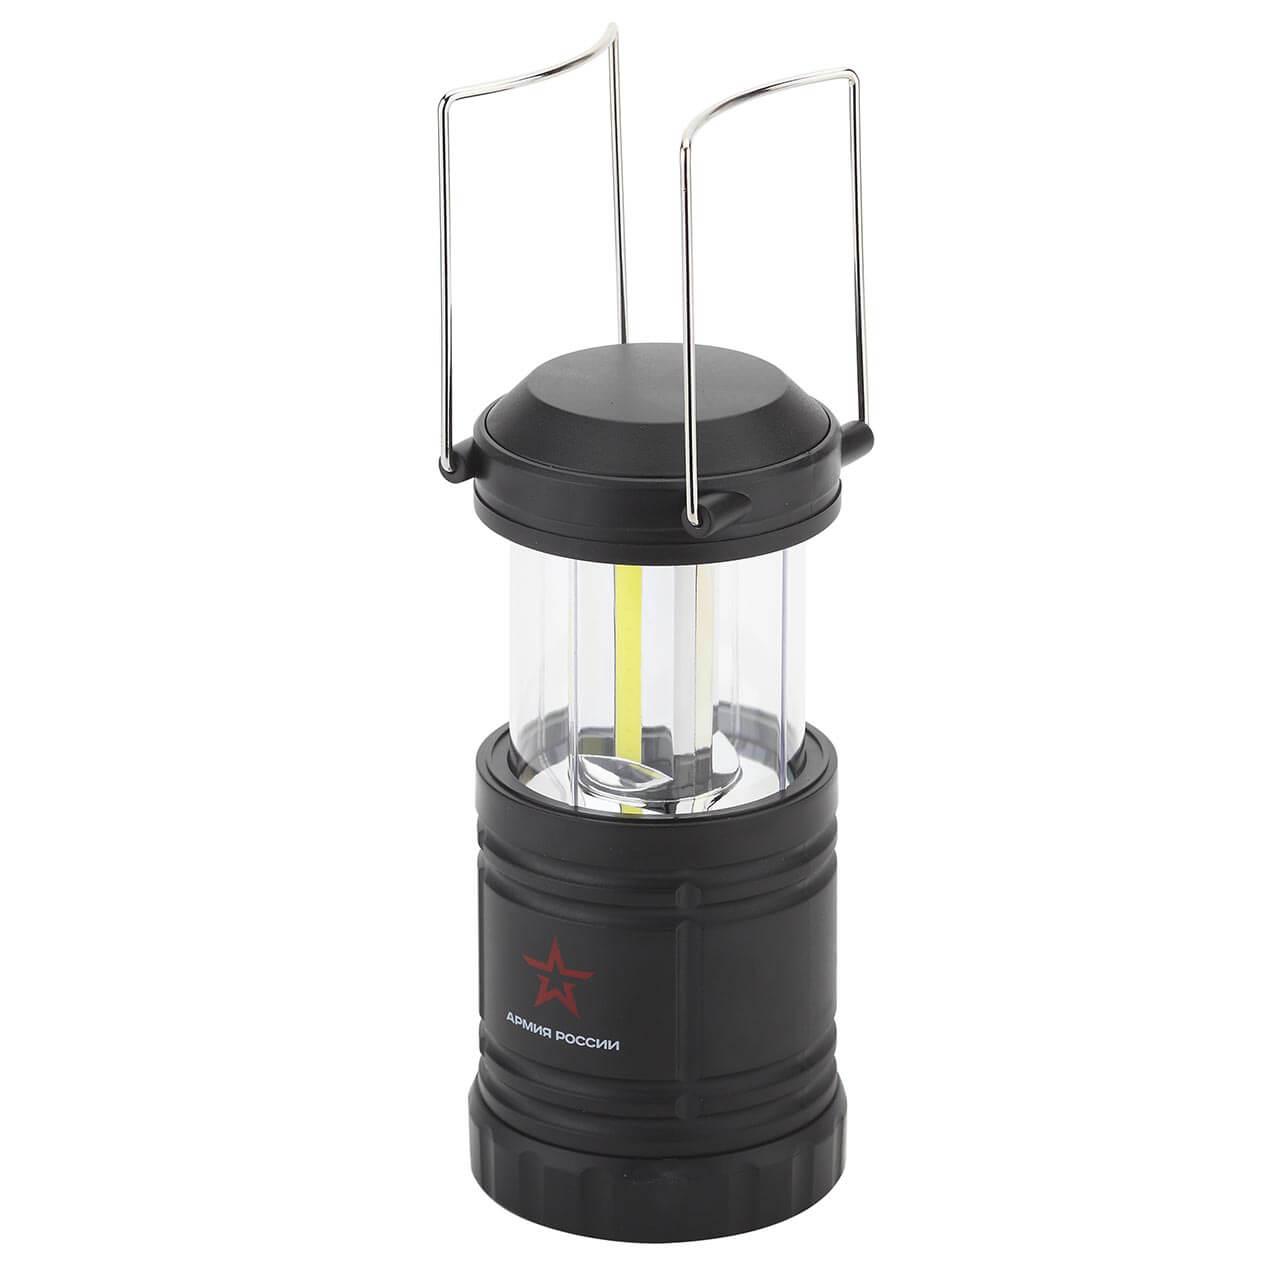 Кемпинговый светодиодный фонарь ЭРА Армия России Заря от батареек 188x86 520 лм KB-502 фонарь focusray 520